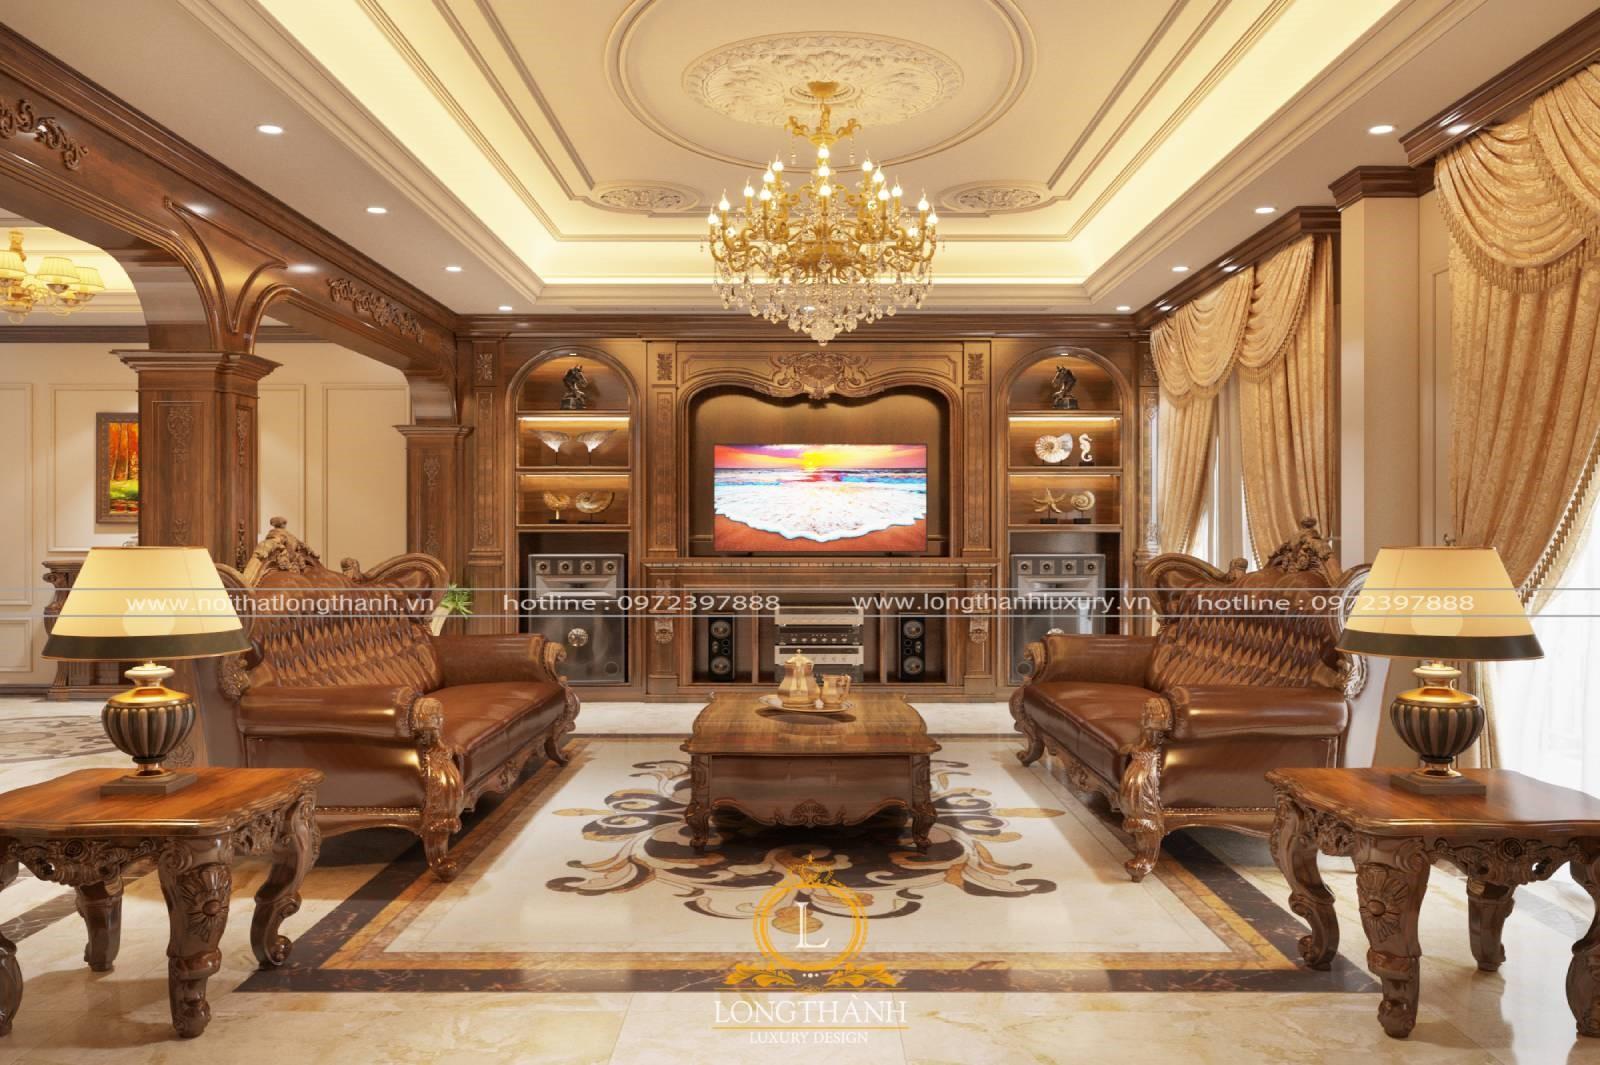 Phòng khách tân cổ điển nguy nga cùng đèn chùm nhiều tầng